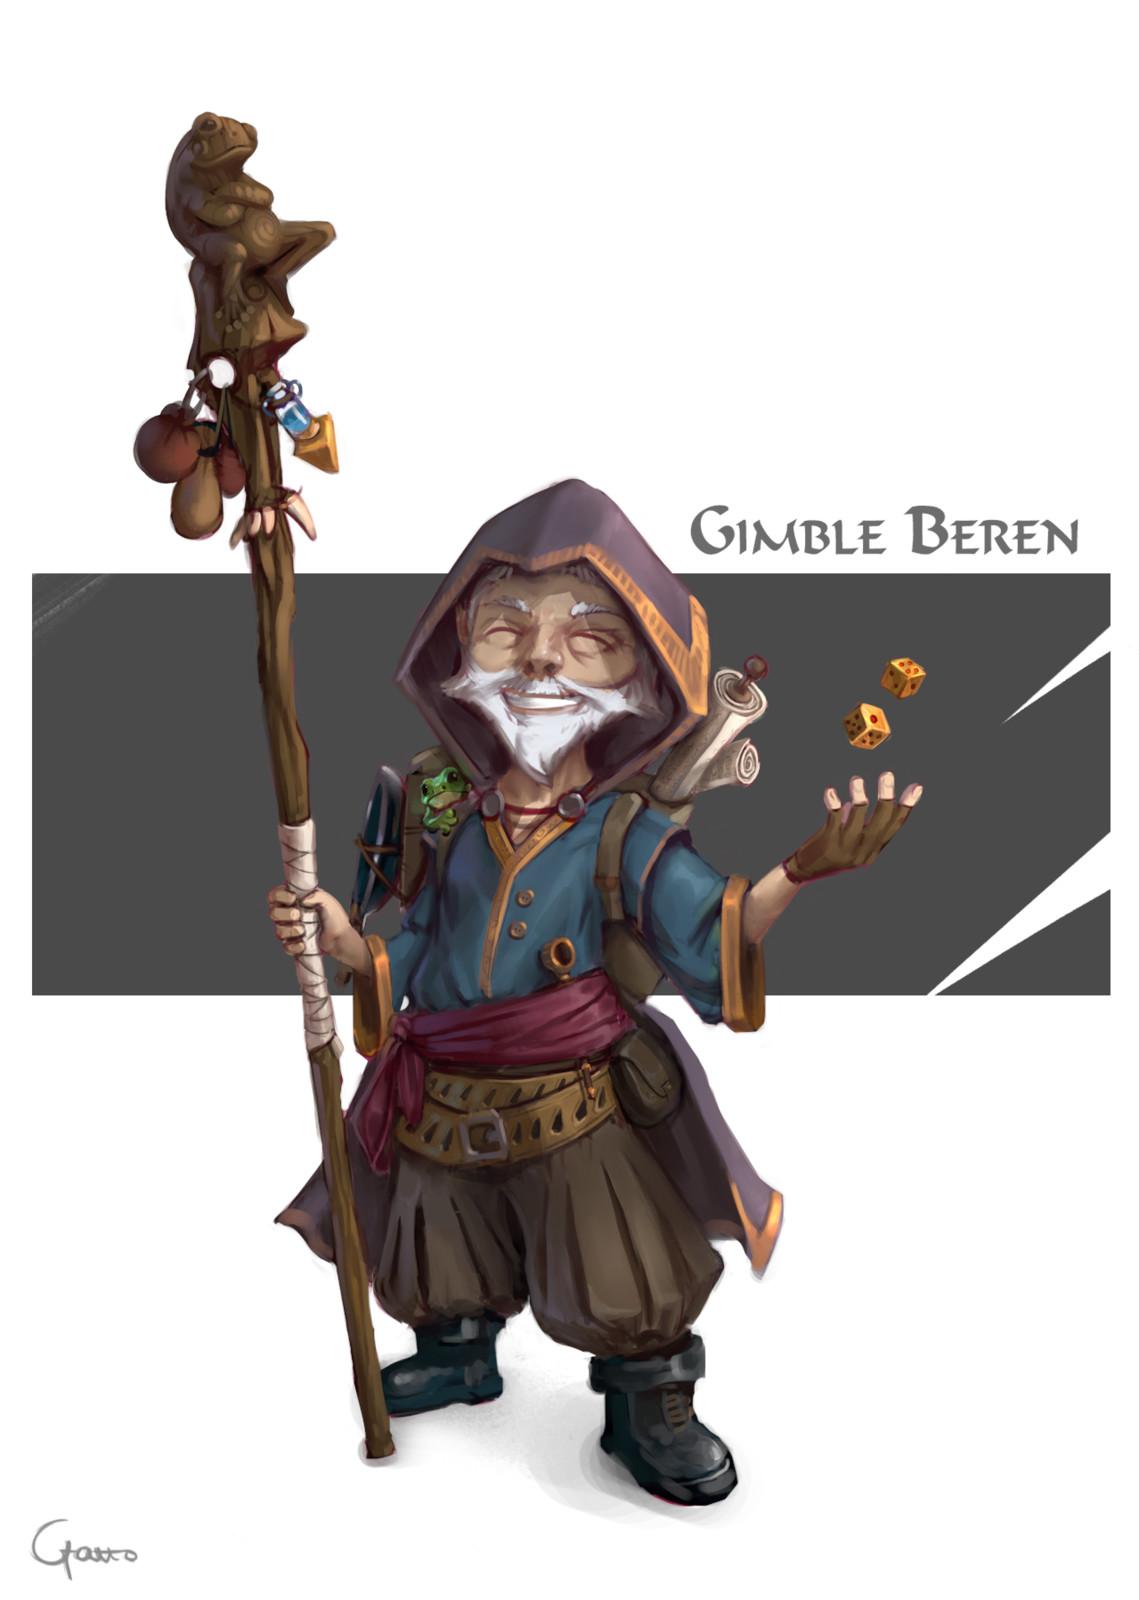 Gimble Beren